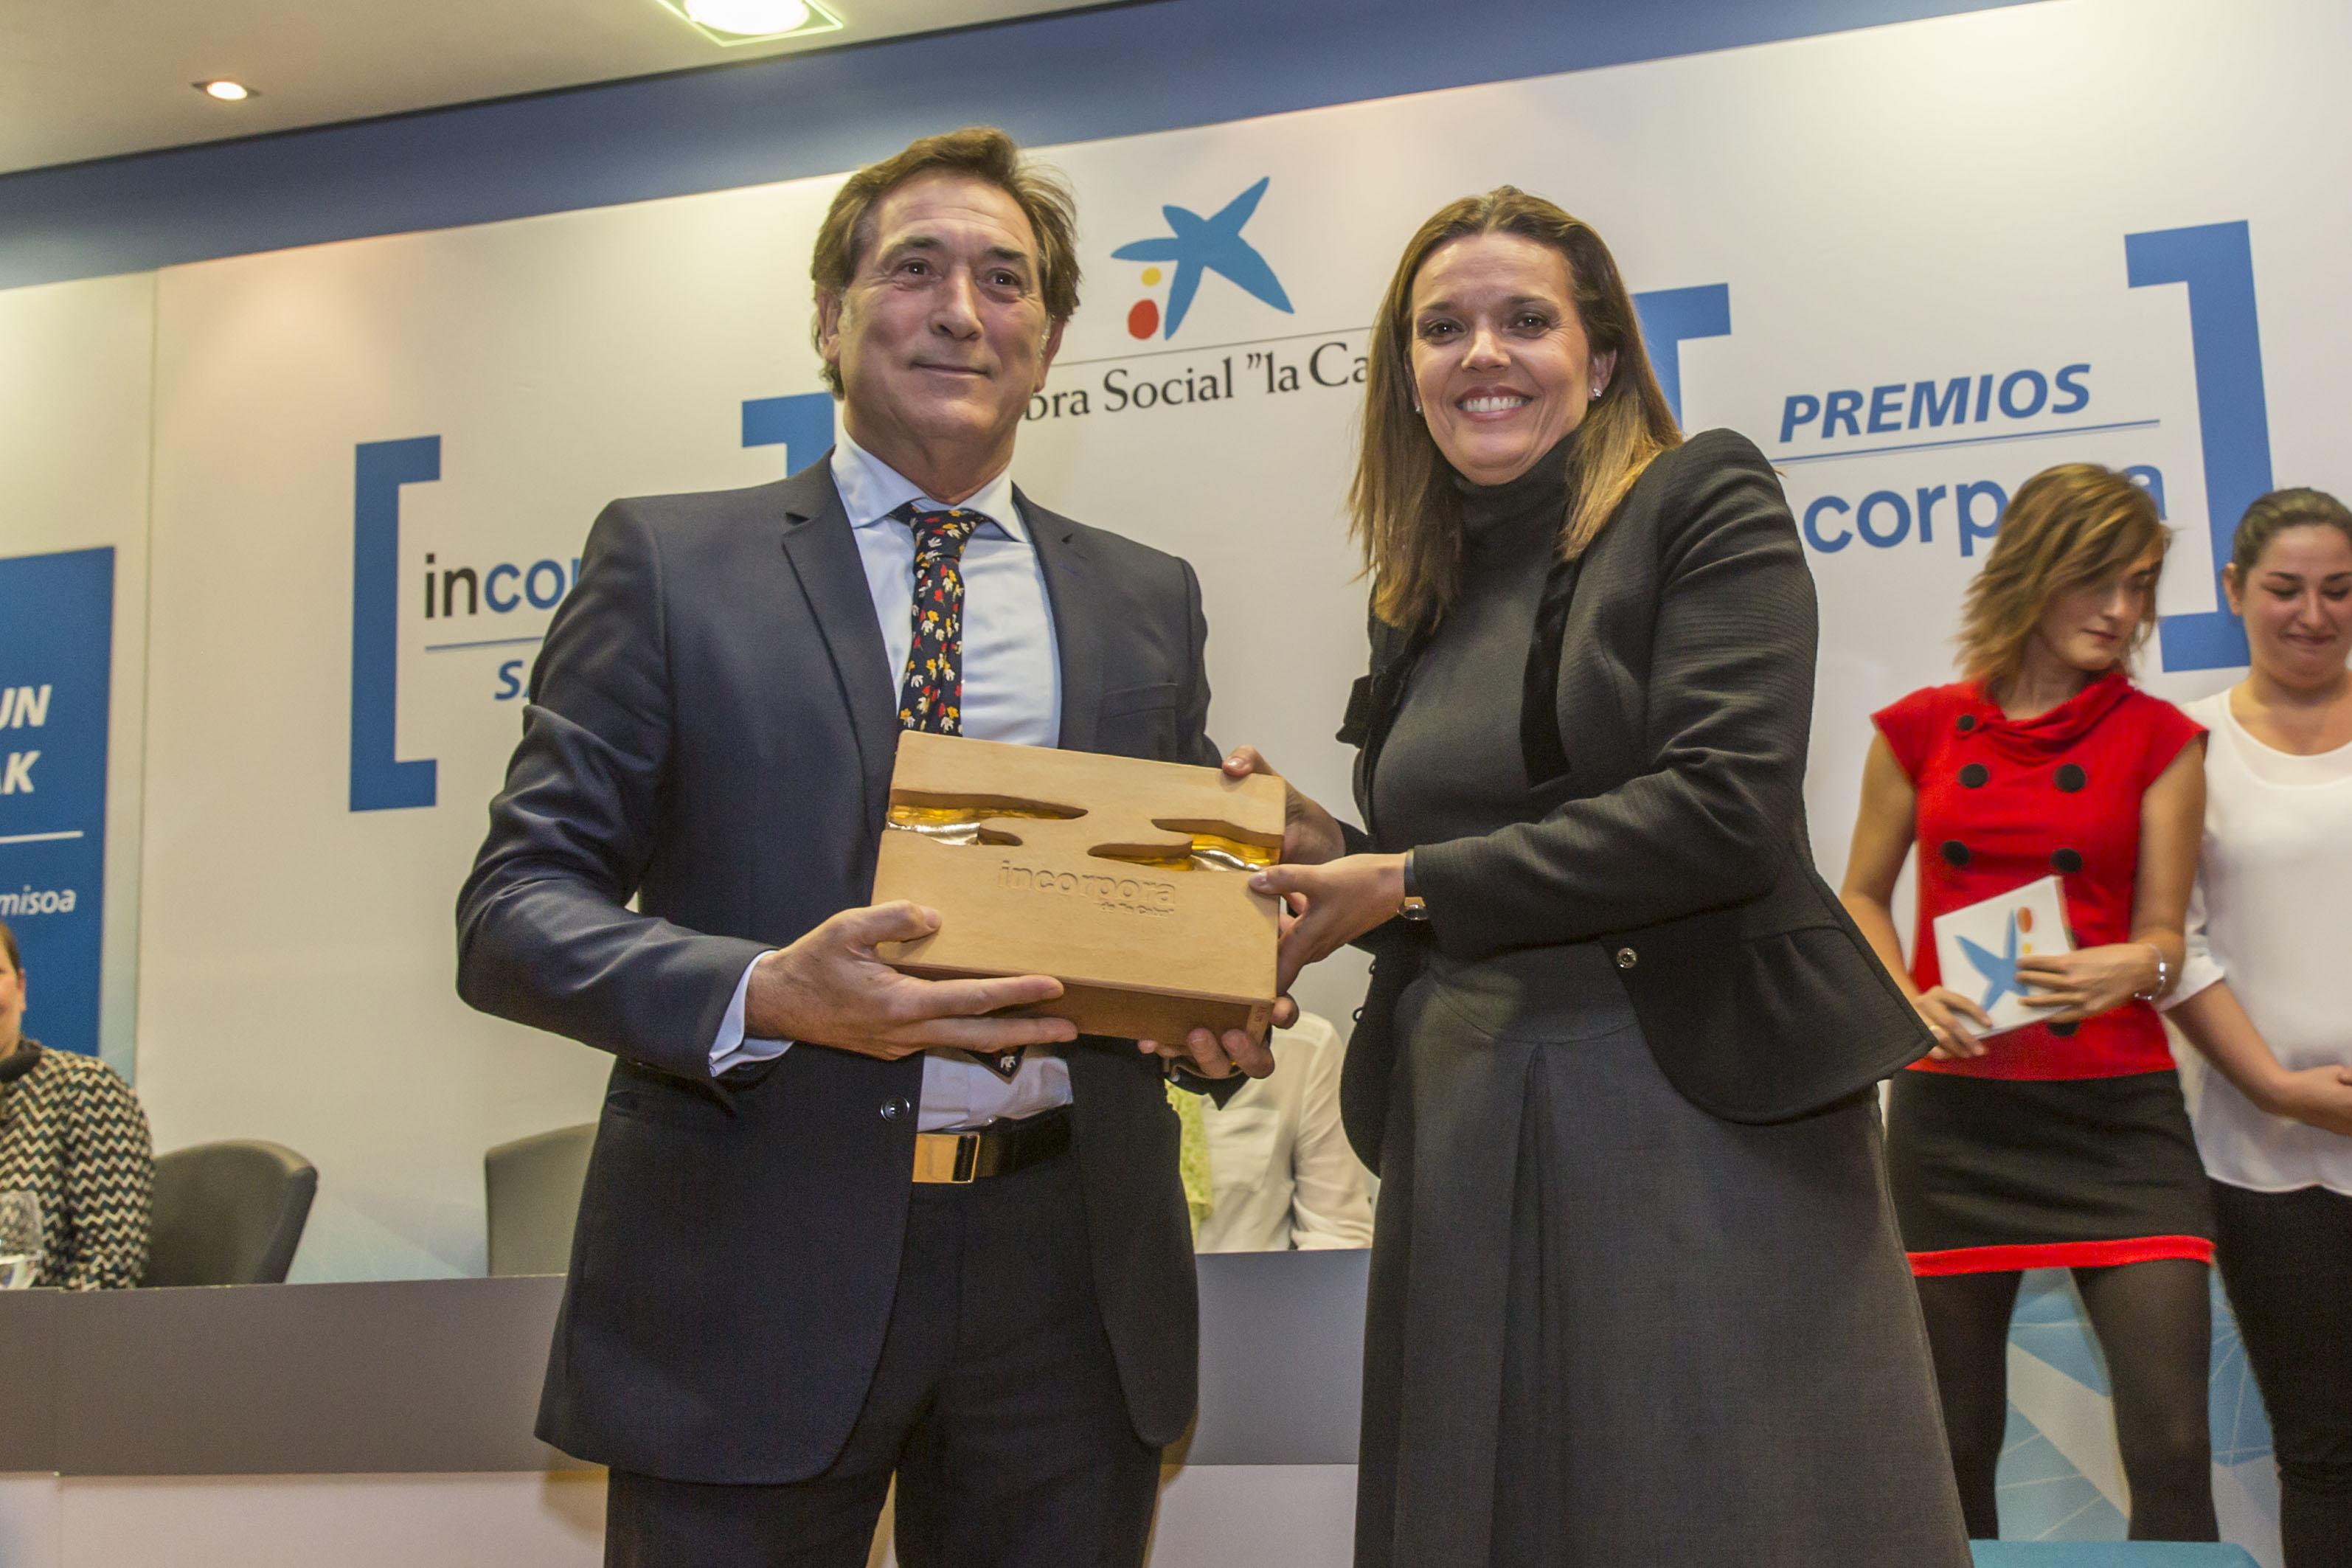 """Premios Incorpora """"La Caixa"""""""